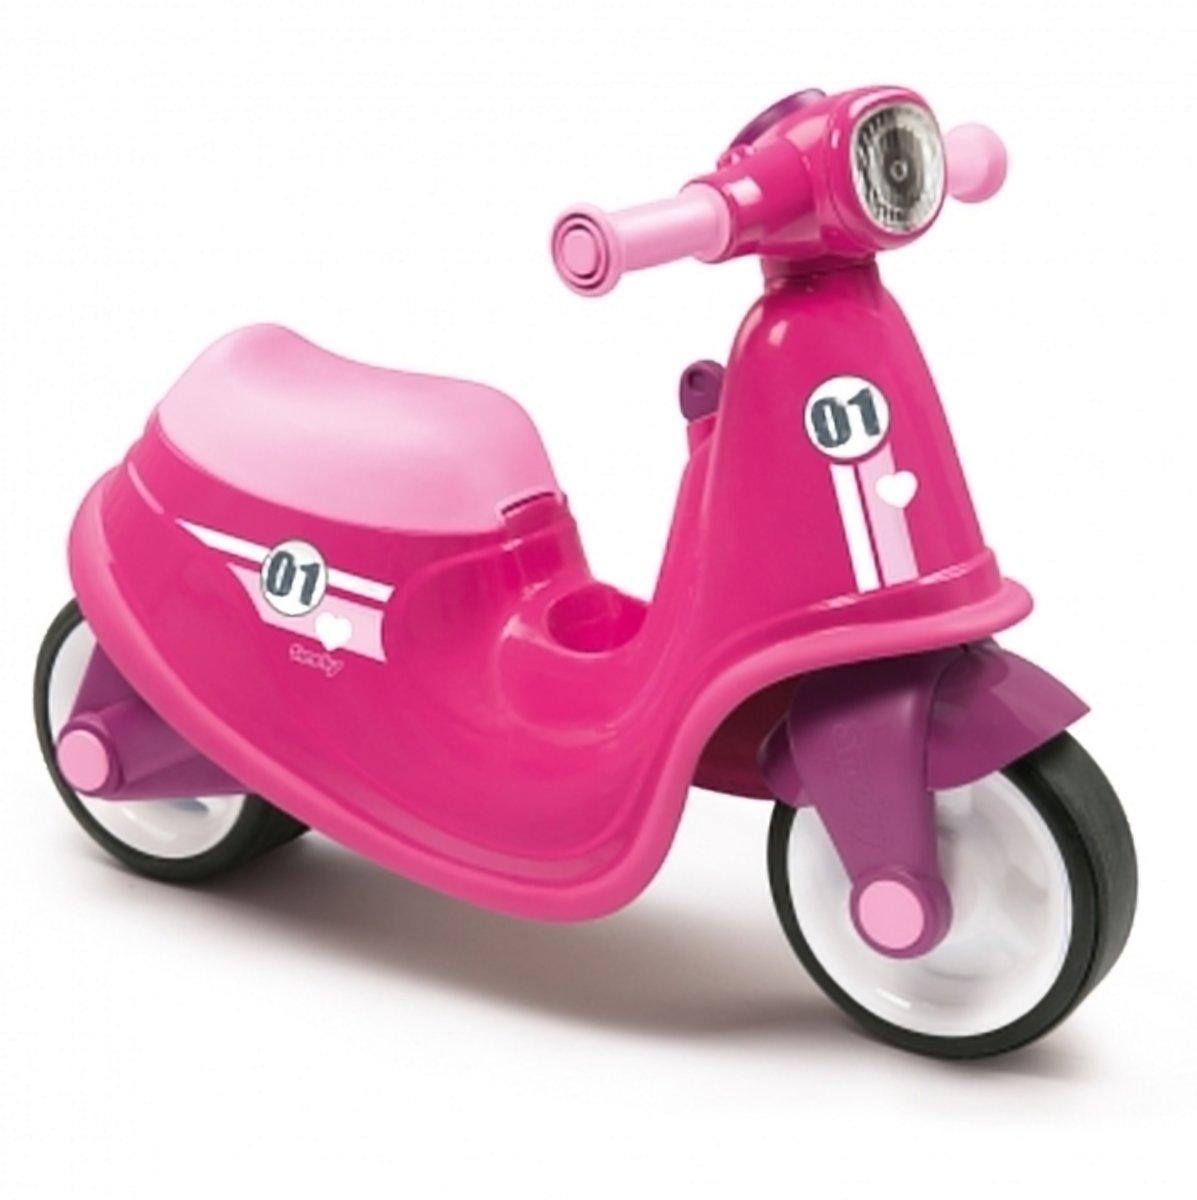 loopscooter kinderen - loop scooter - loopfiets - smoby roze scooter loop fiets